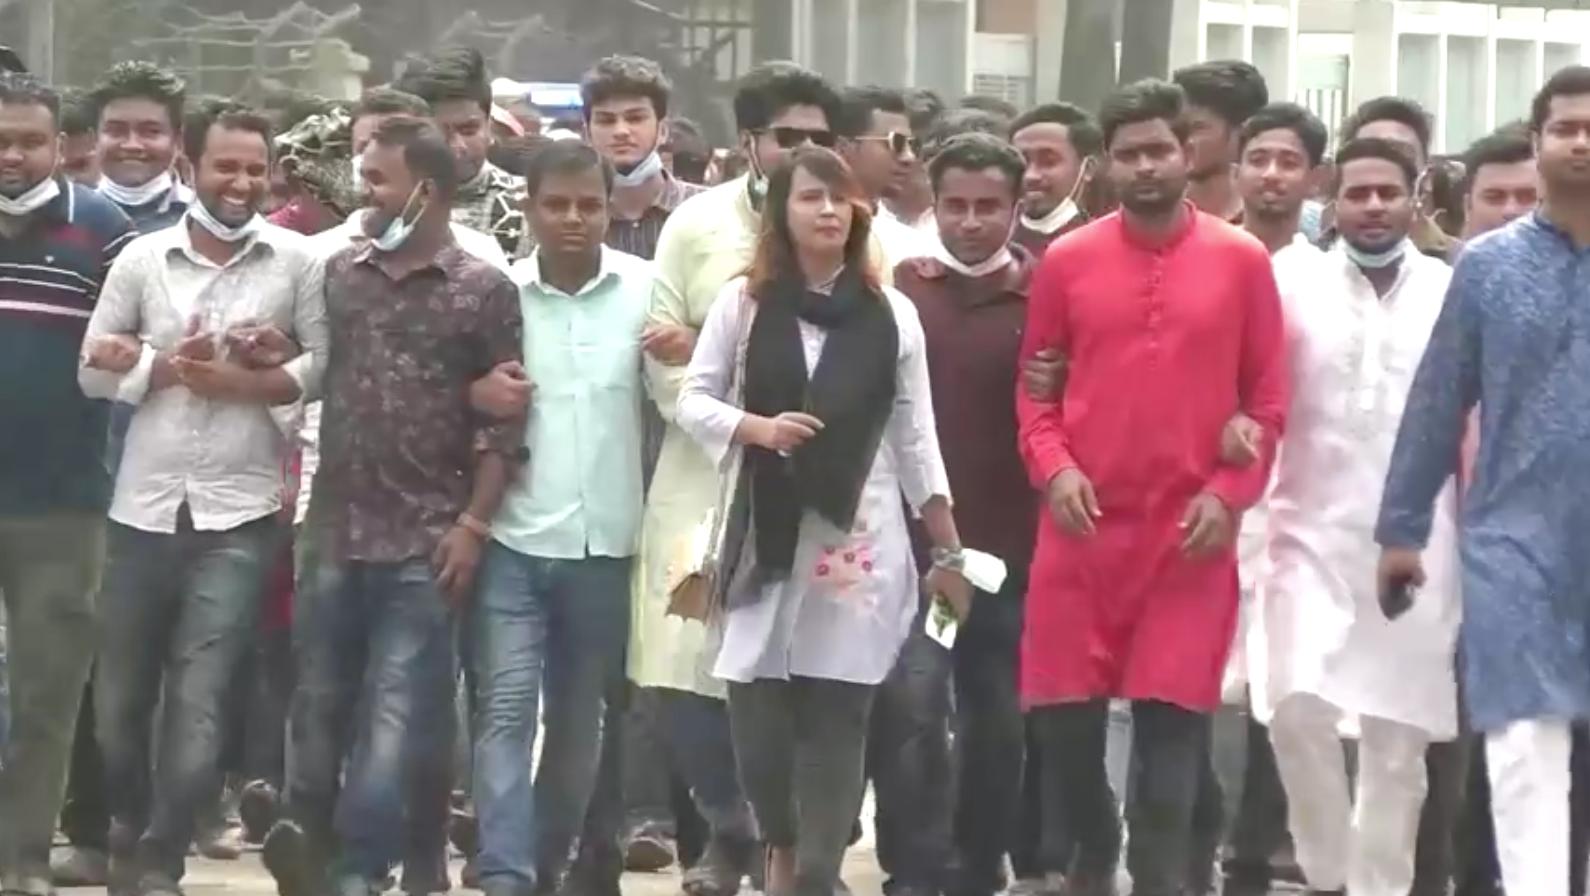 Năm người bị kết án tử hình ở Bangladesh vì tội hiếp dâm tập thể